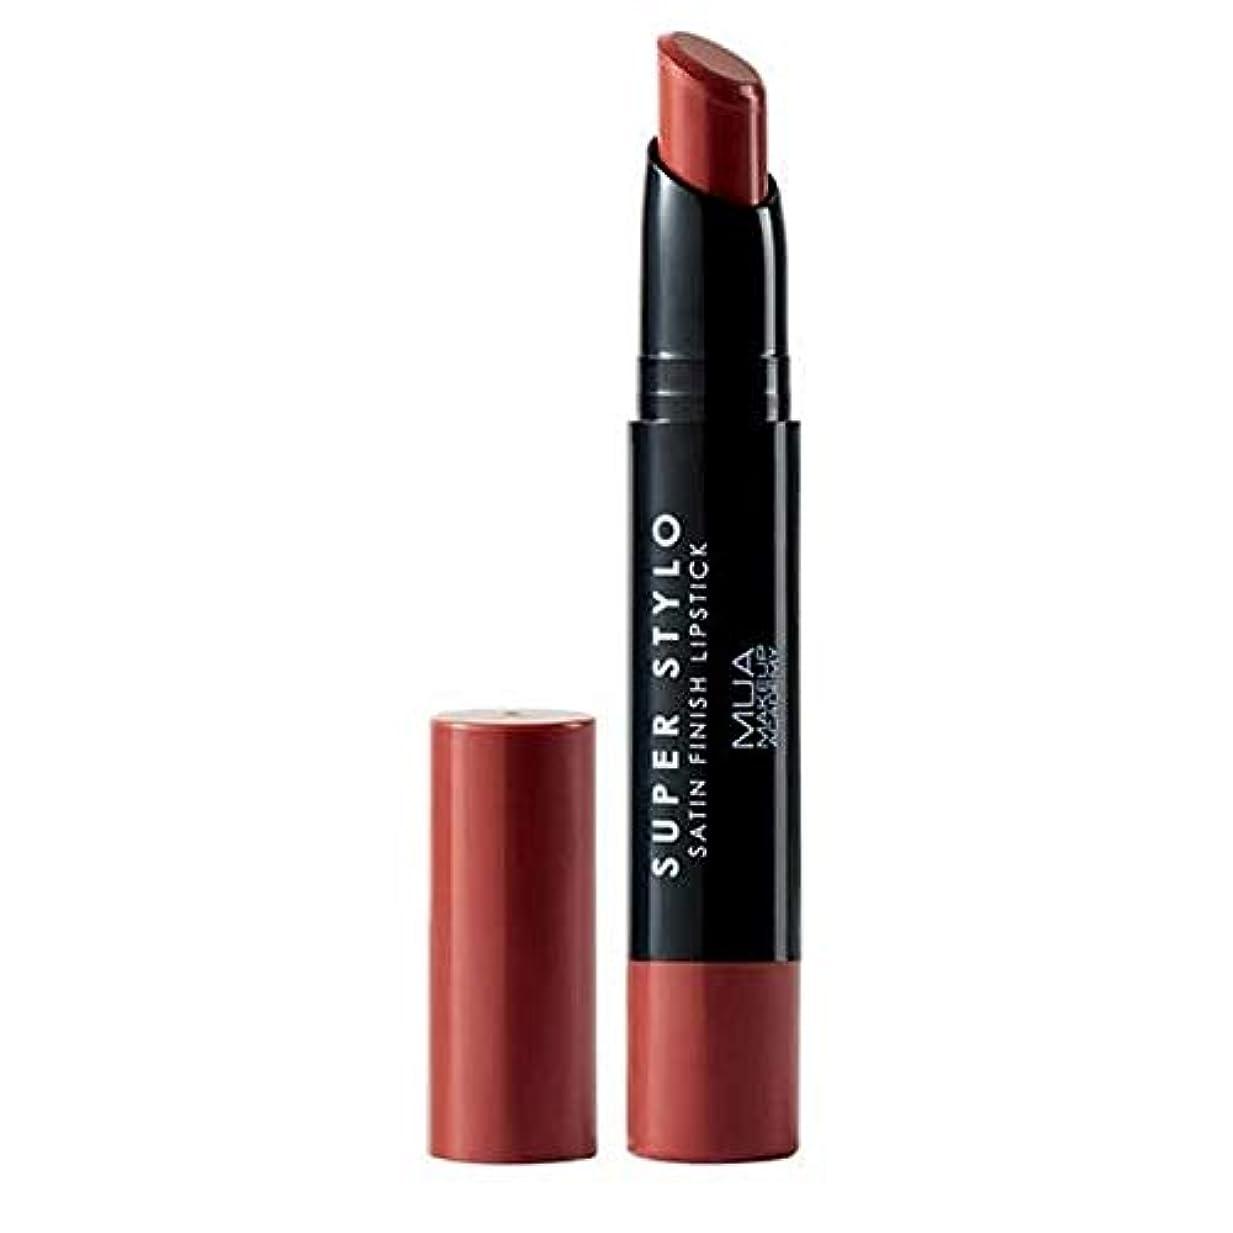 野ウサギ不適切なリダクター[MUA] MuaスーパーStylo口紅の主要005 - MUA Super Stylo Lipstick Major 005 [並行輸入品]